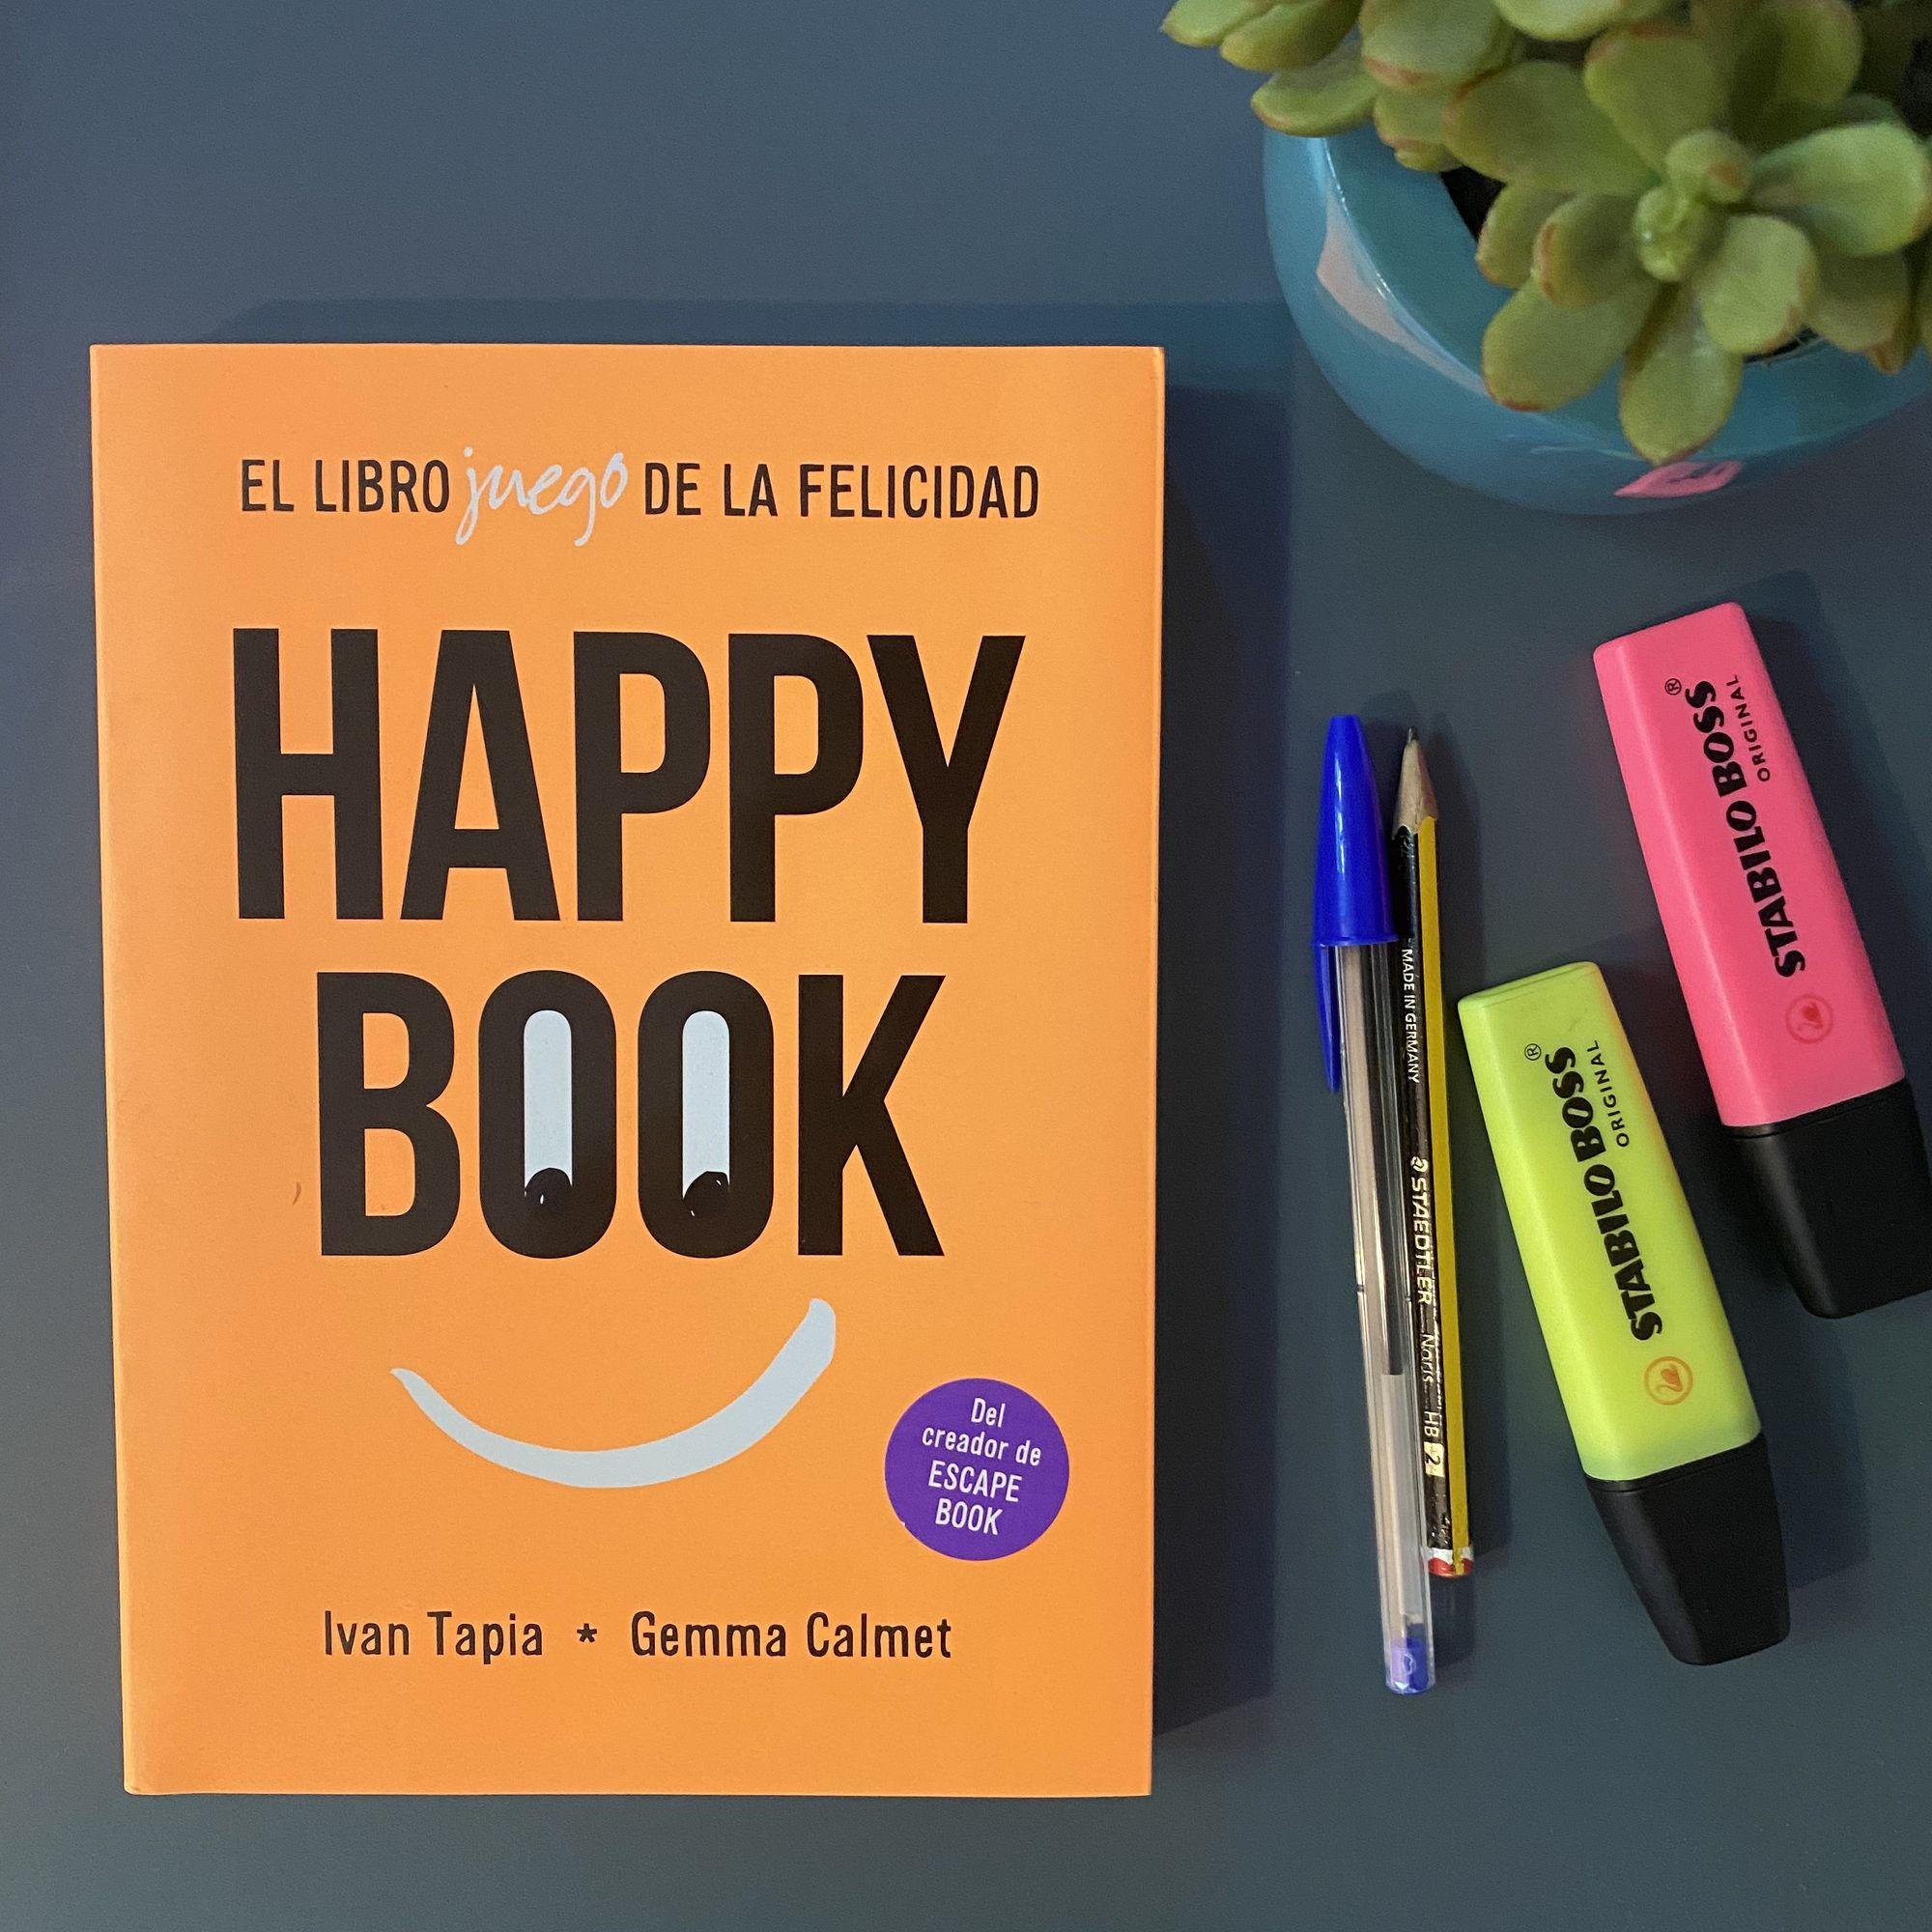 La història darrere de HappyBook